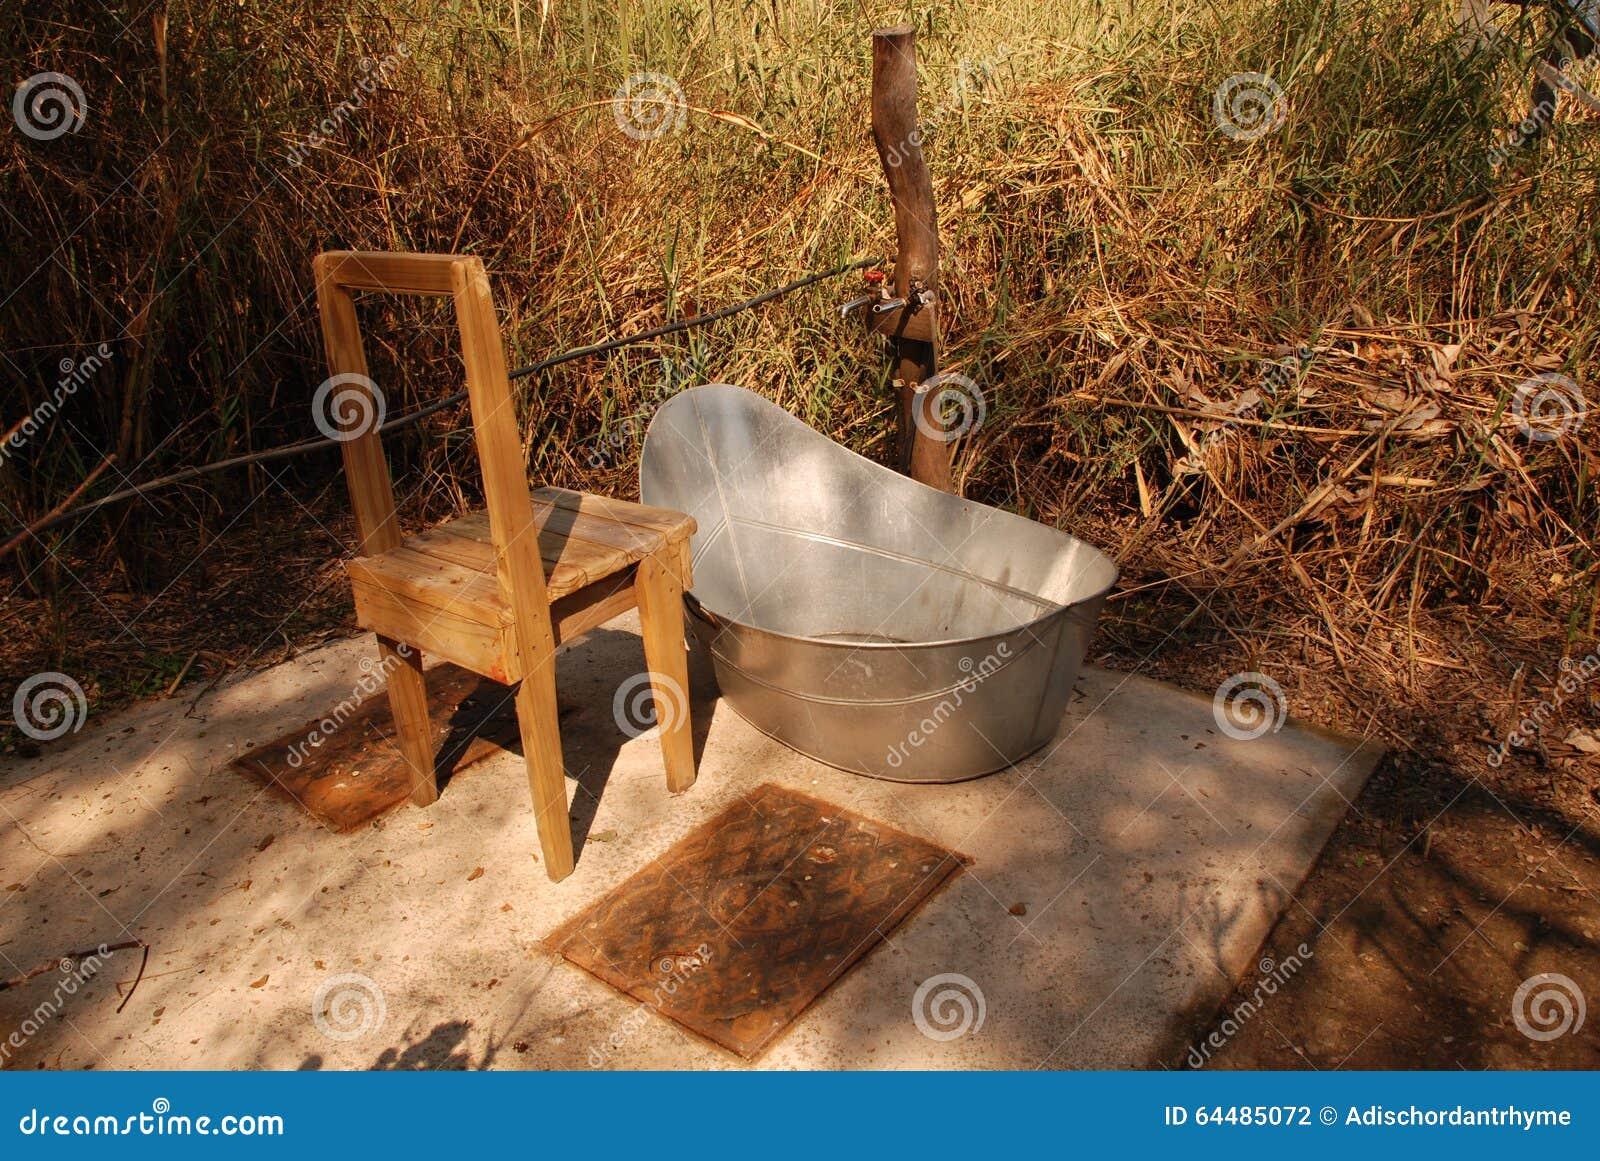 Vasca Da Bagno Esterna : Vasca da bagno esterna fotografia stock. immagine di wooden 64485072